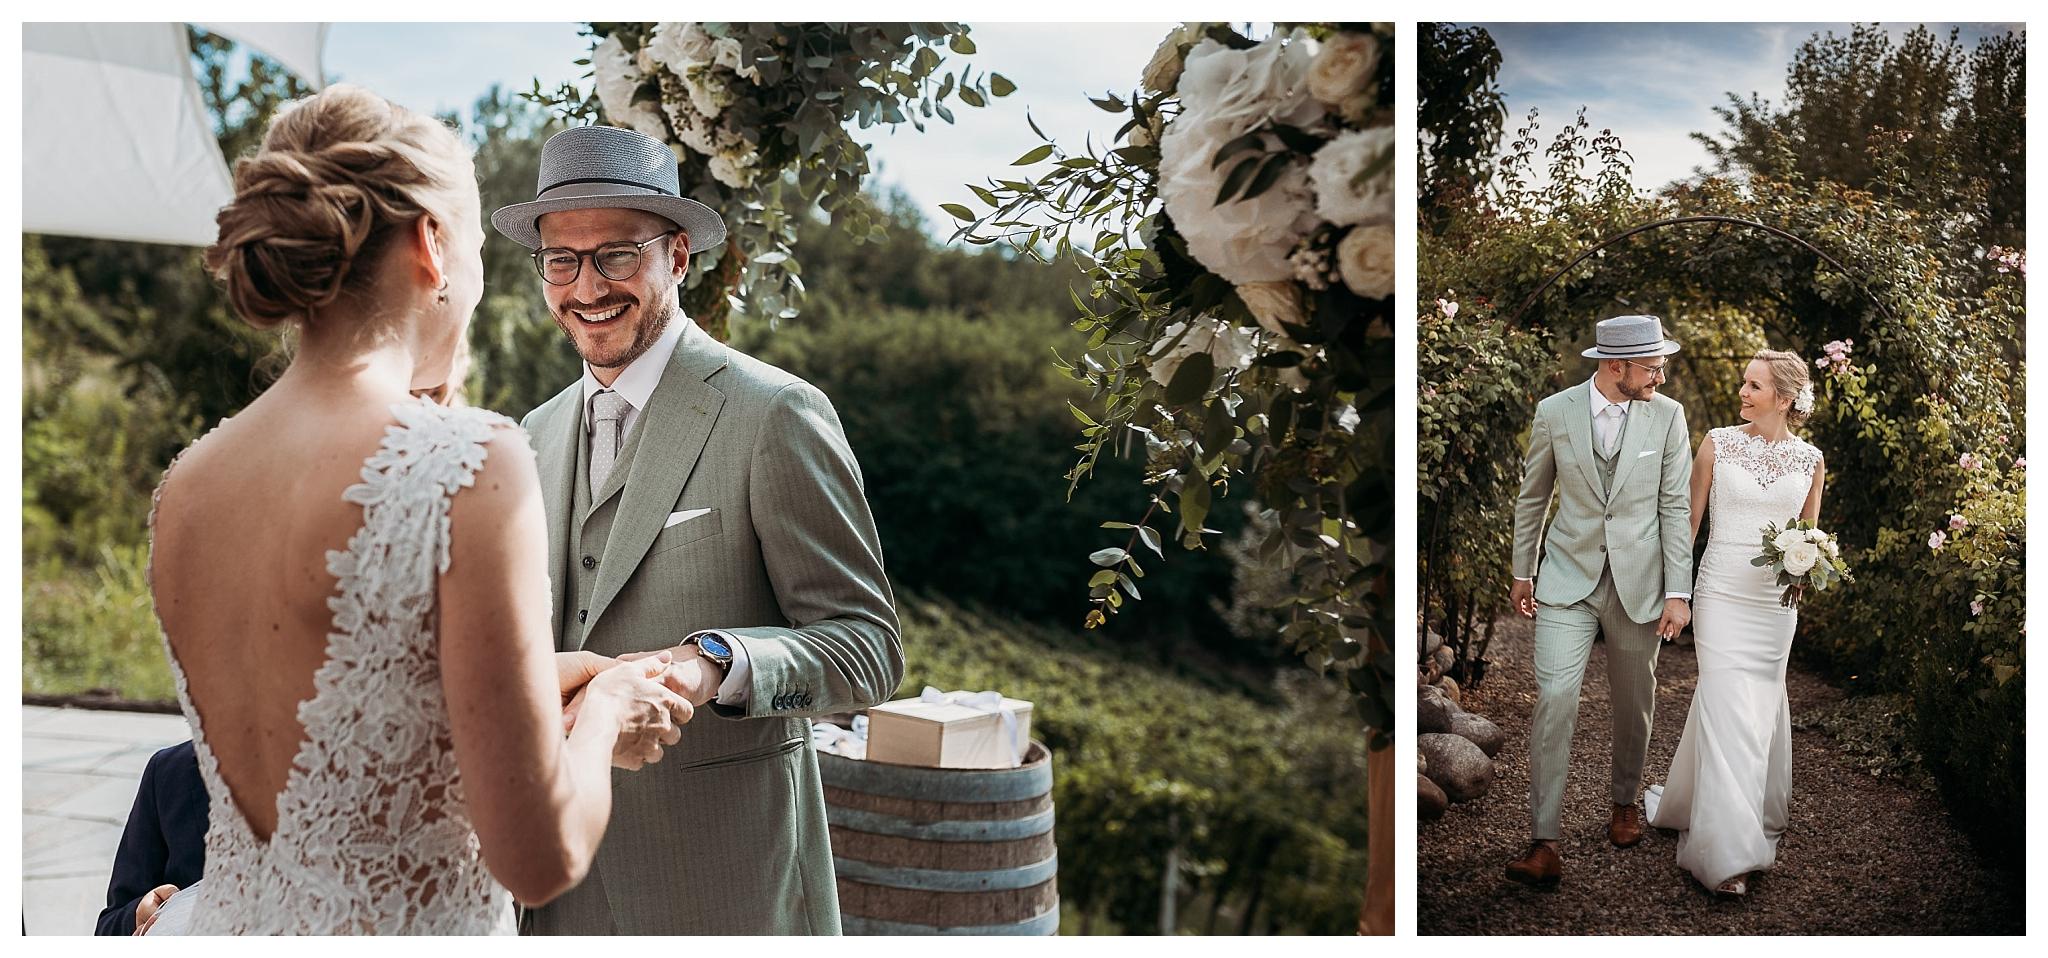 Italian wedding ceremony at La Villa Hotel, Mombaruzzo